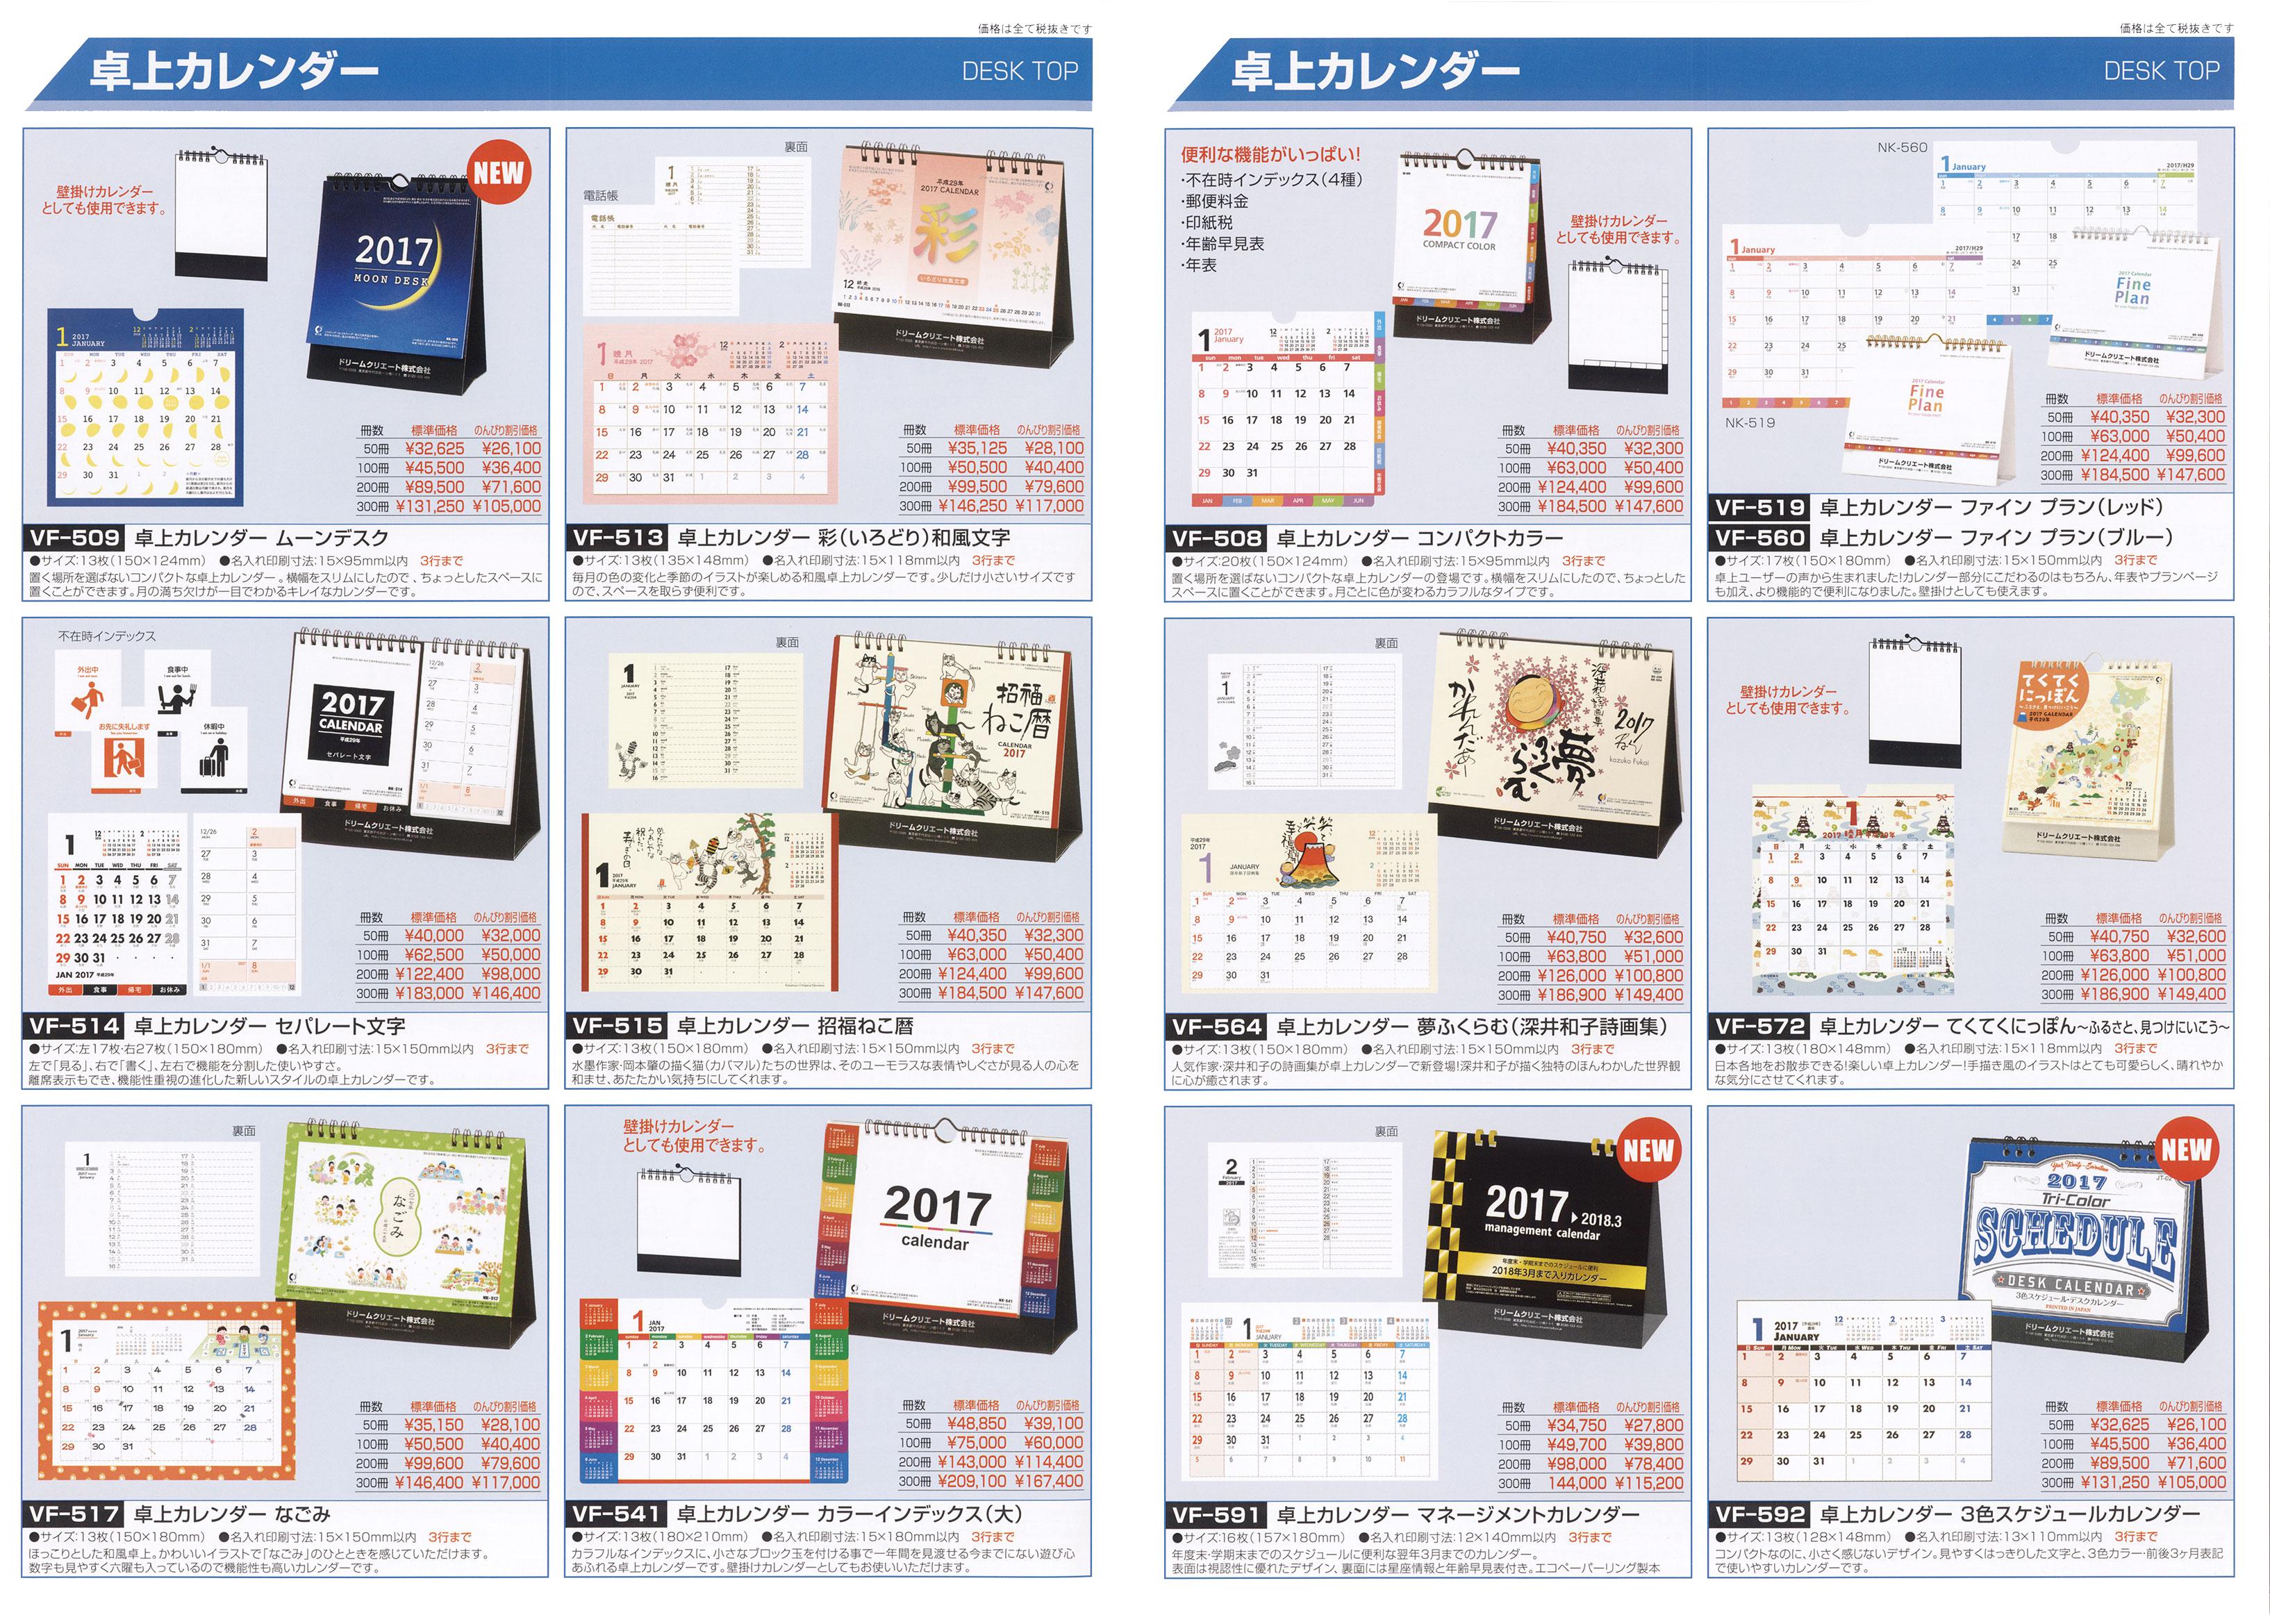 アップロードファイル 123-1.jpg